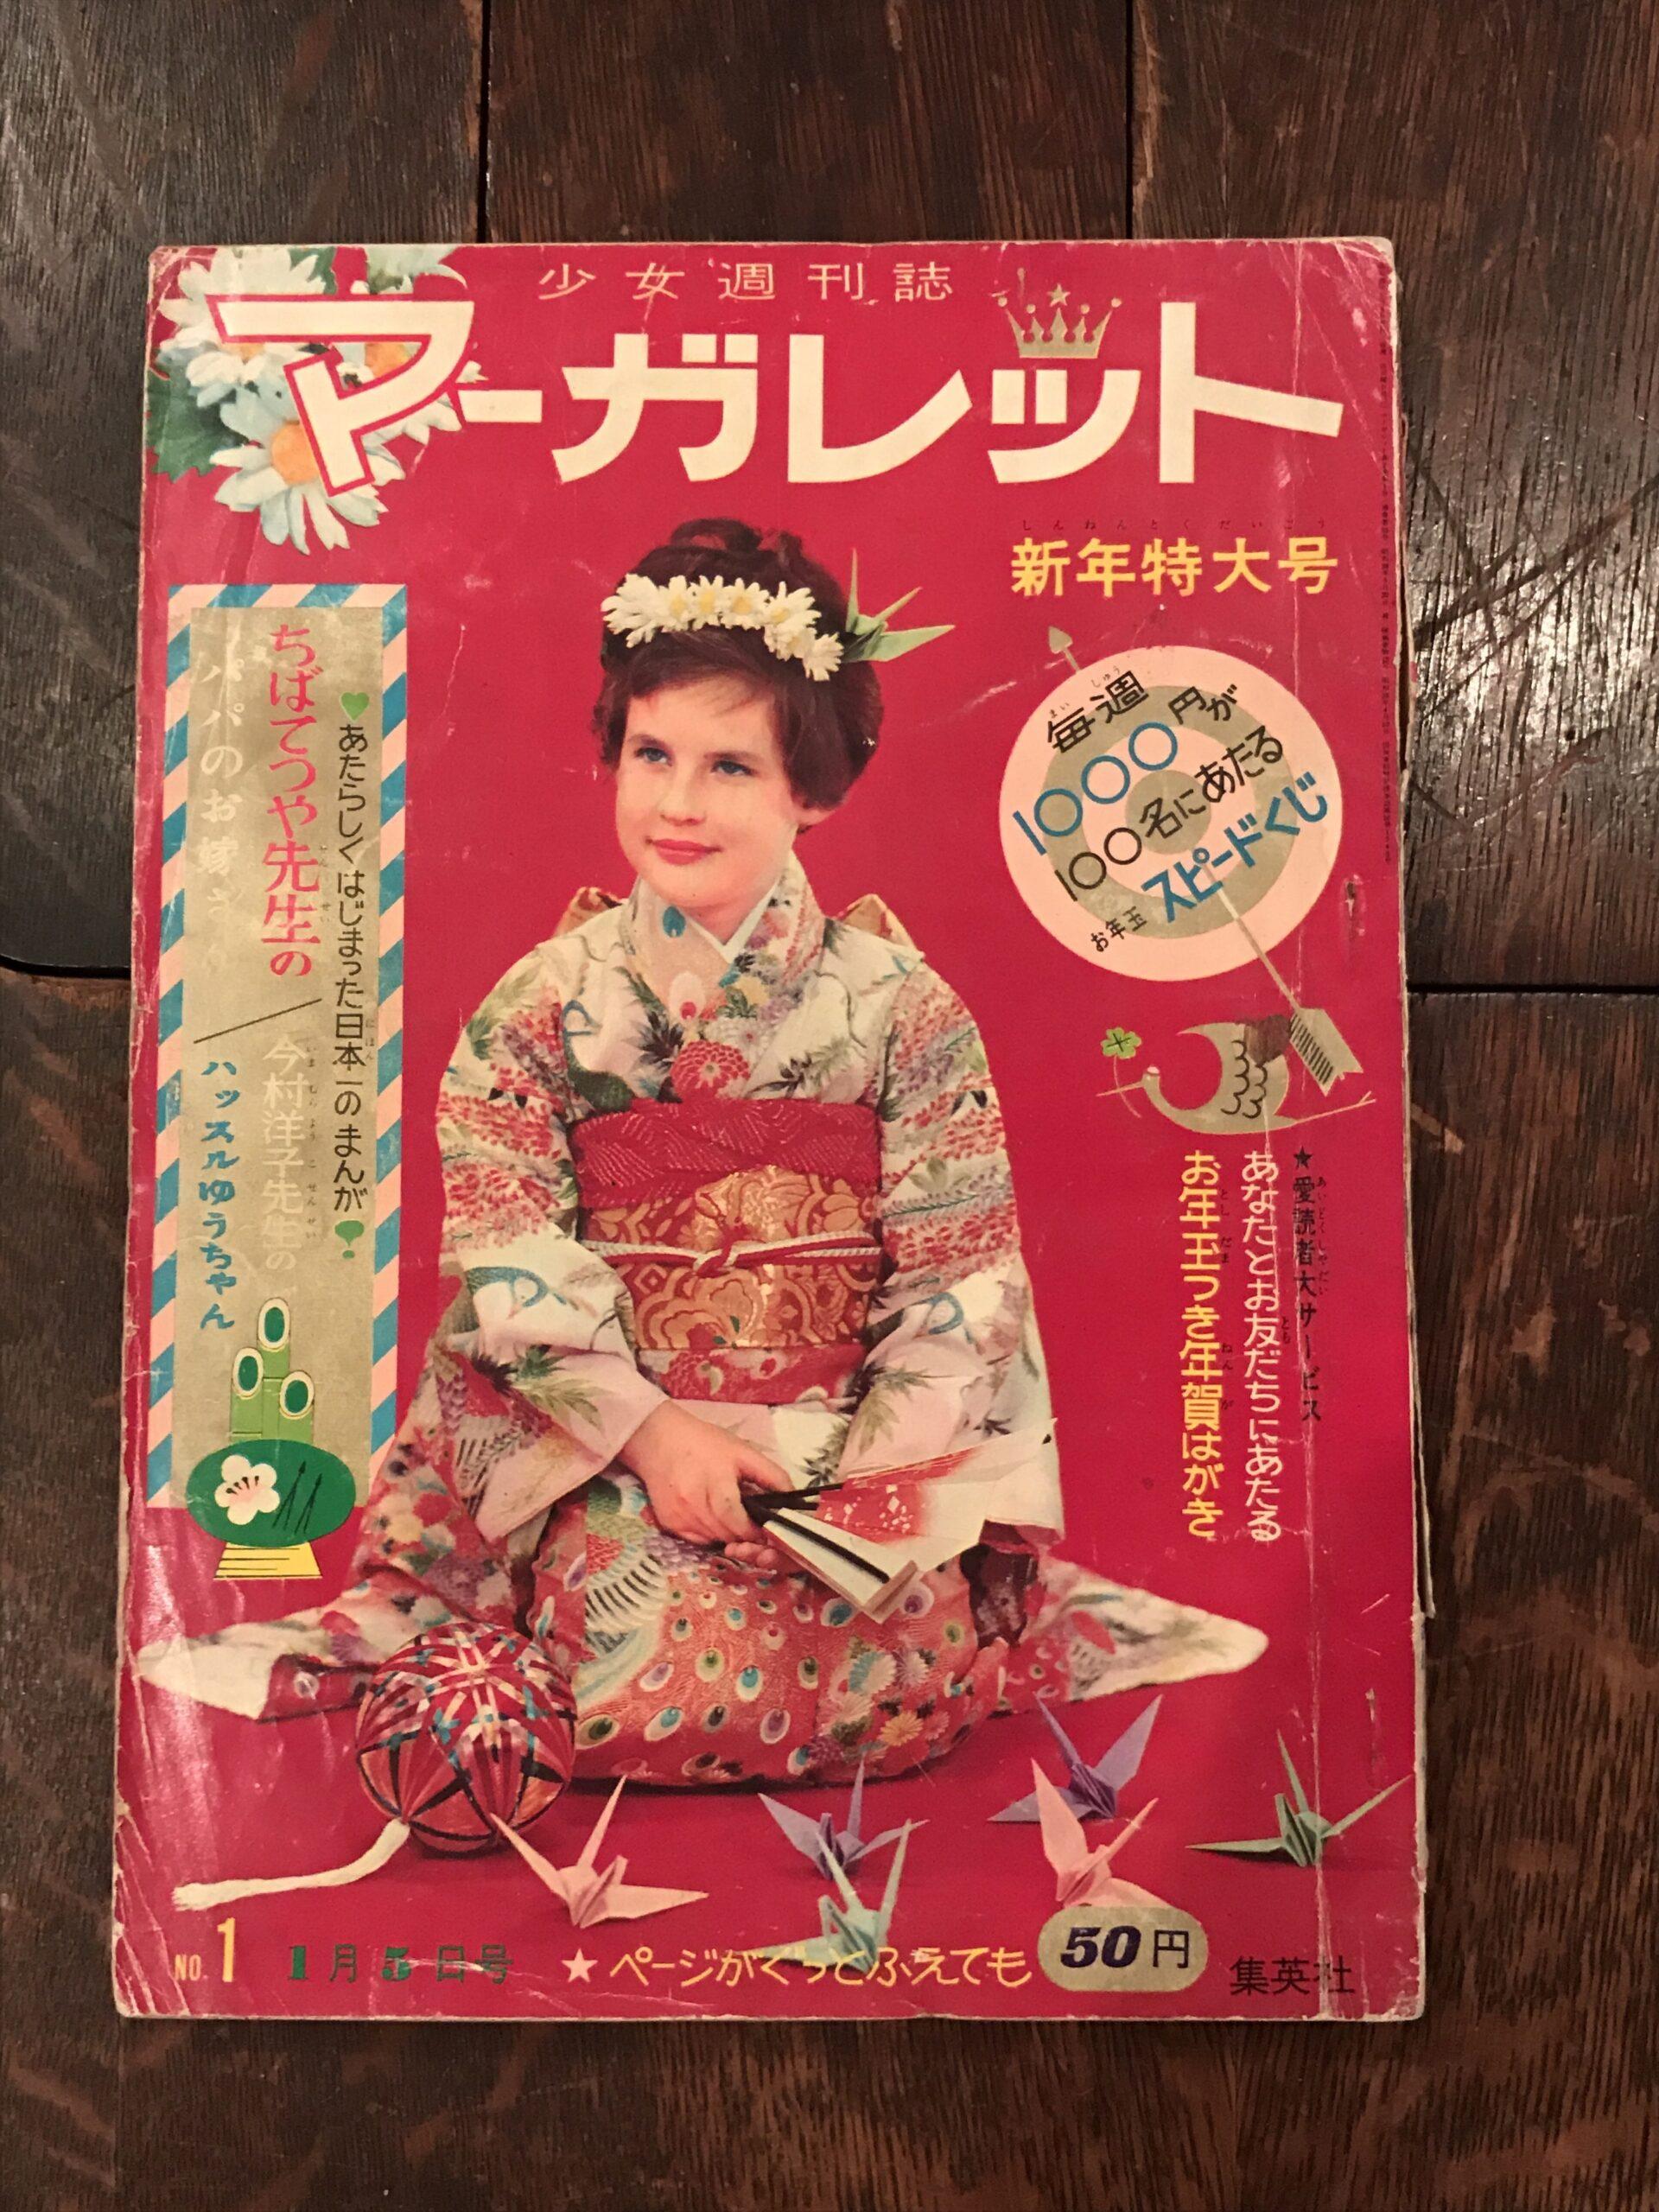 バイブルは昭和の雑誌